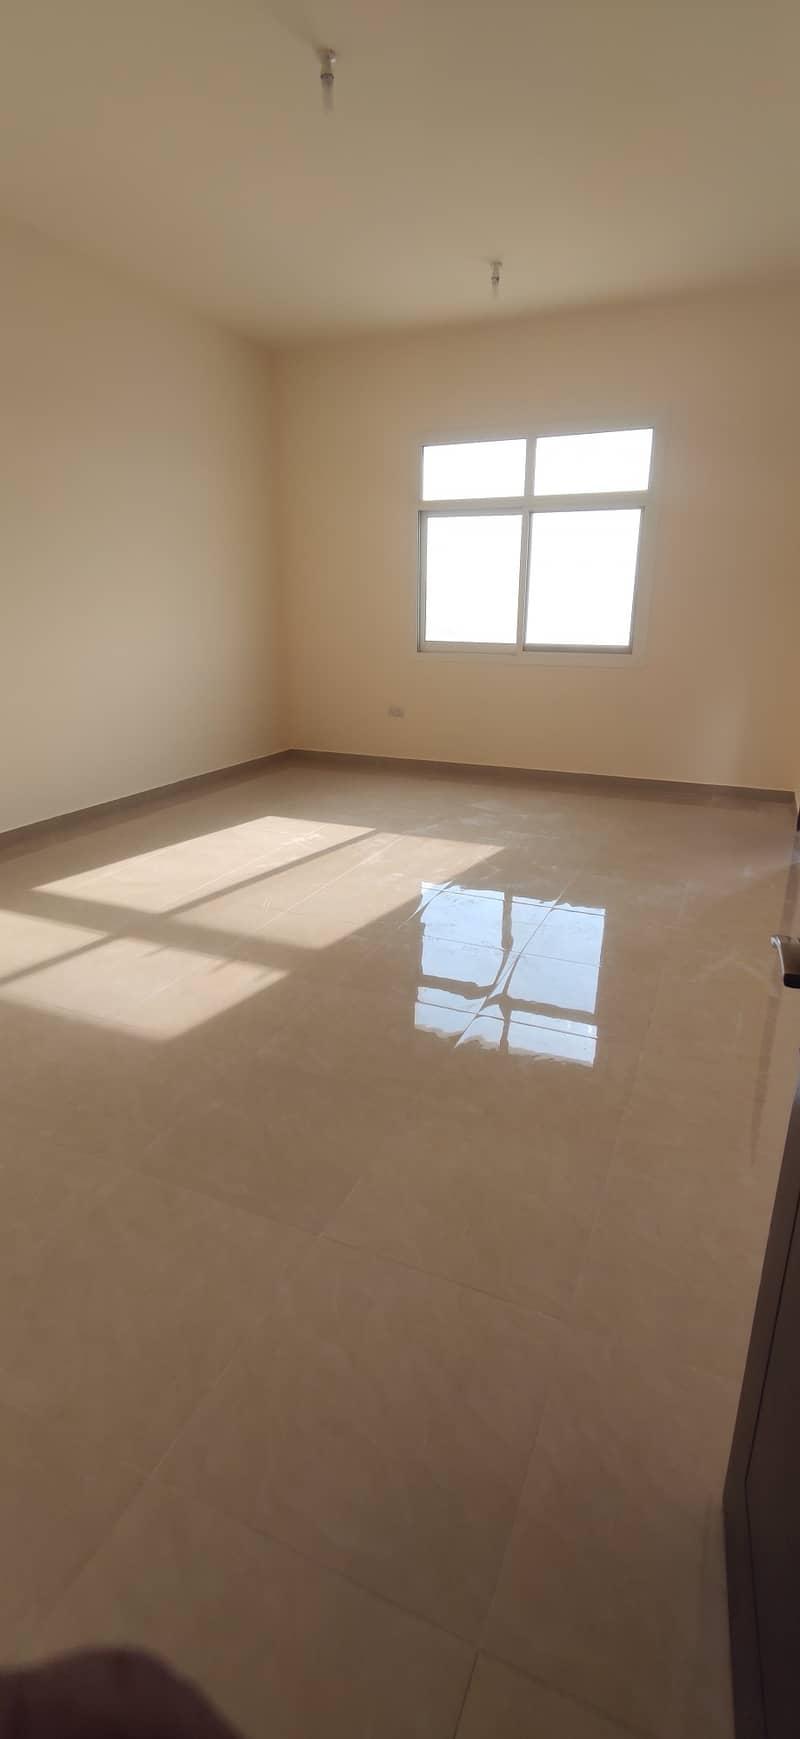 Very Nice 2 Bedroom Hall in Villa For Rent at Al Shamkha